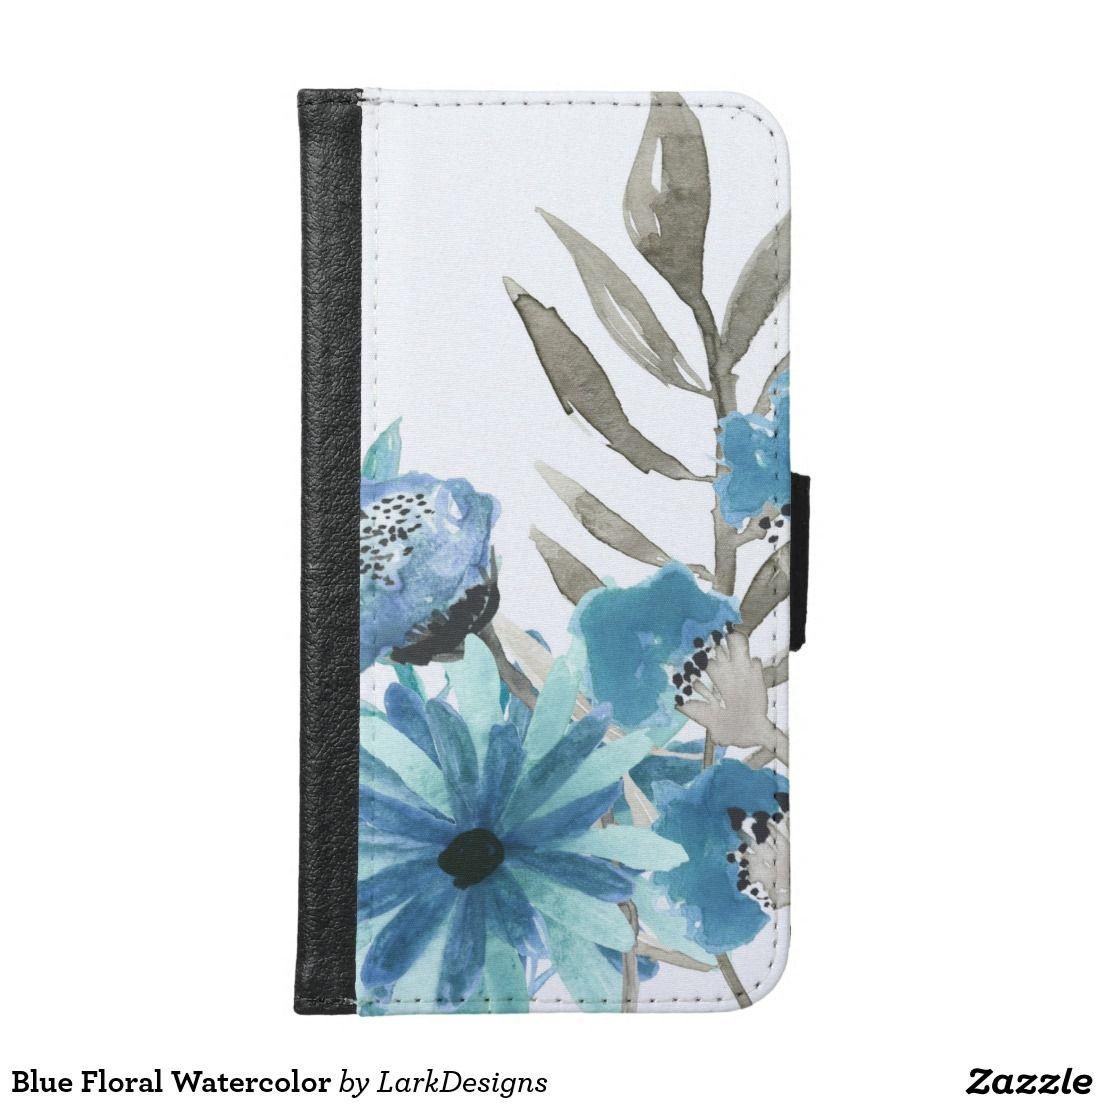 Blue Floral Watercolor